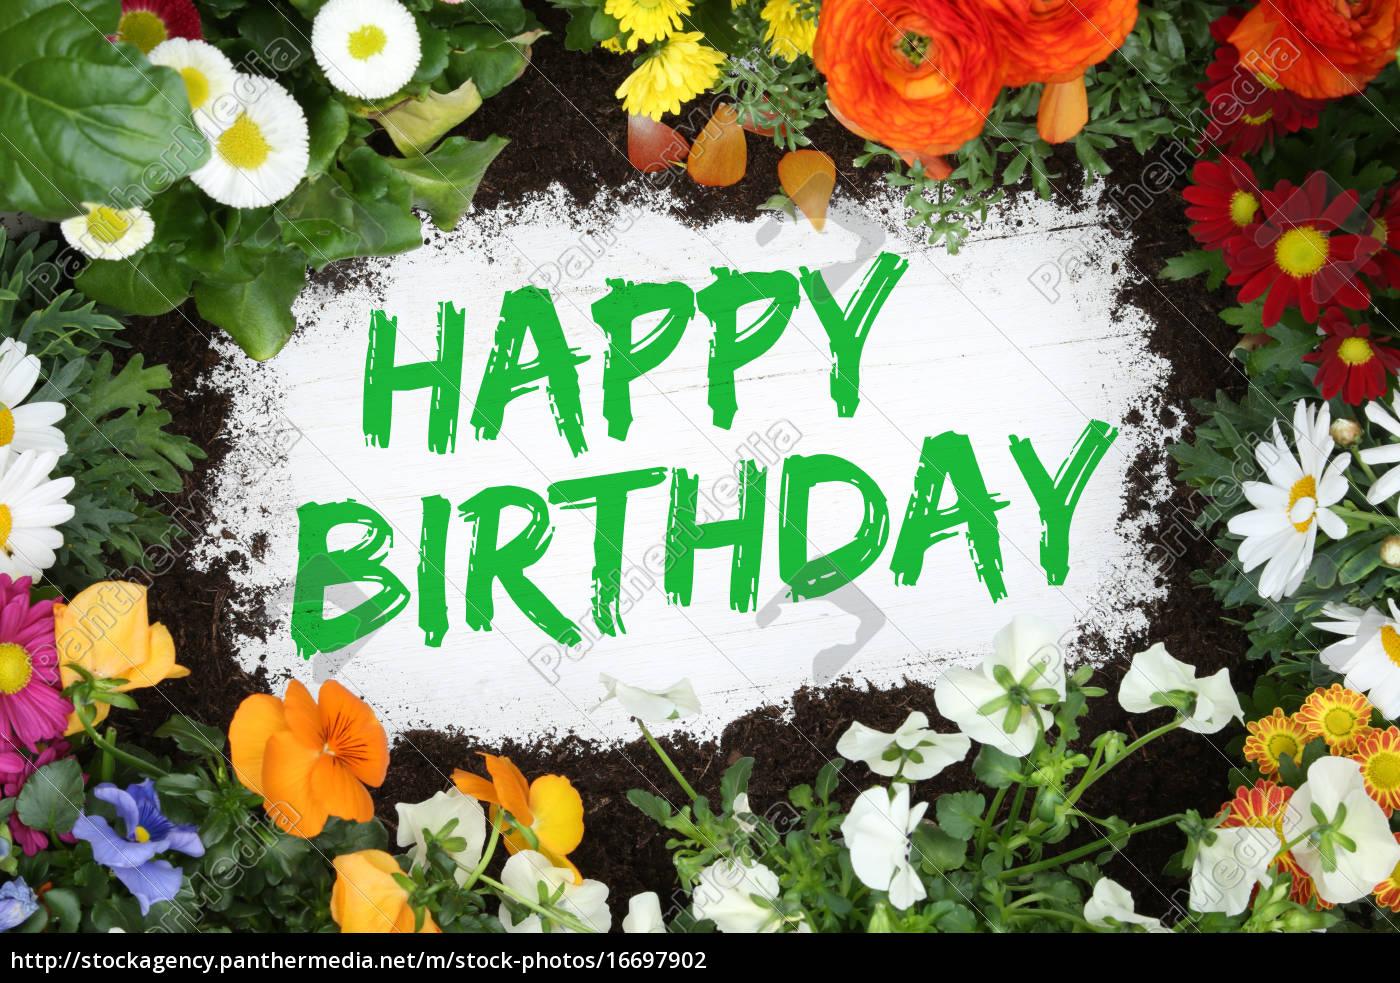 Geburtstagswünsche Karte Geburtstag.Stock Bild 16697902 Happy Birthday Geburtstag Karte Geburtstagskarte Mit Blumen